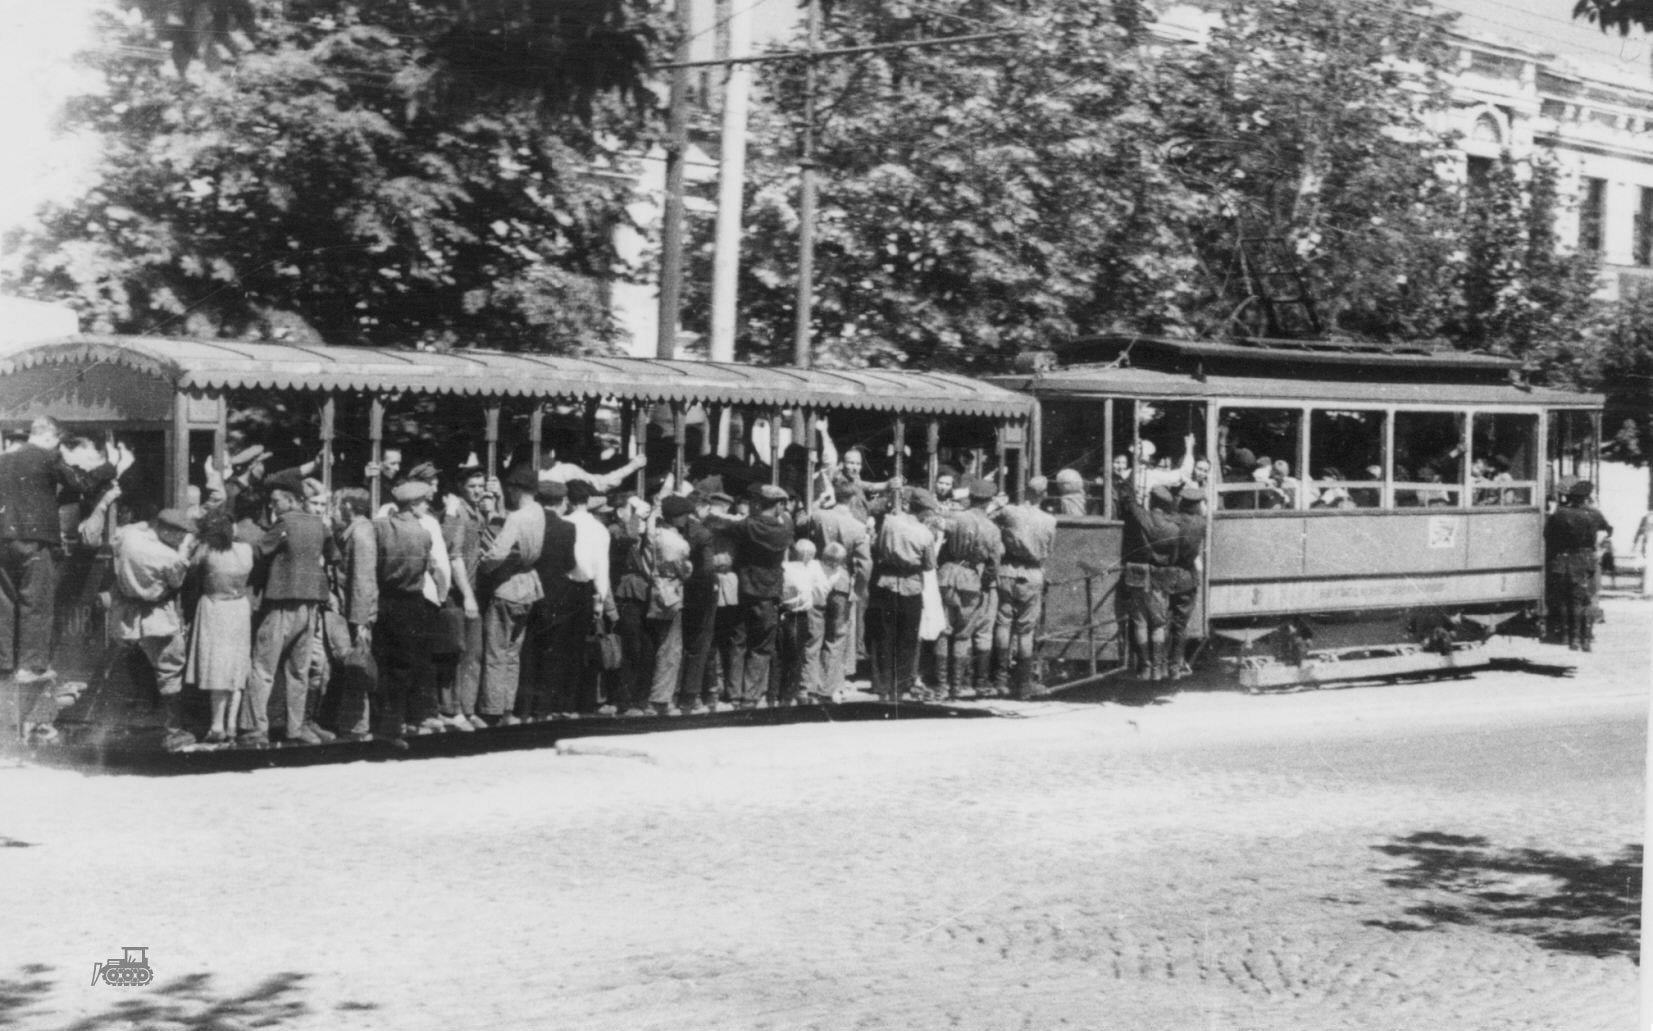 Трамвай у гостиницы Грандъ-Отель